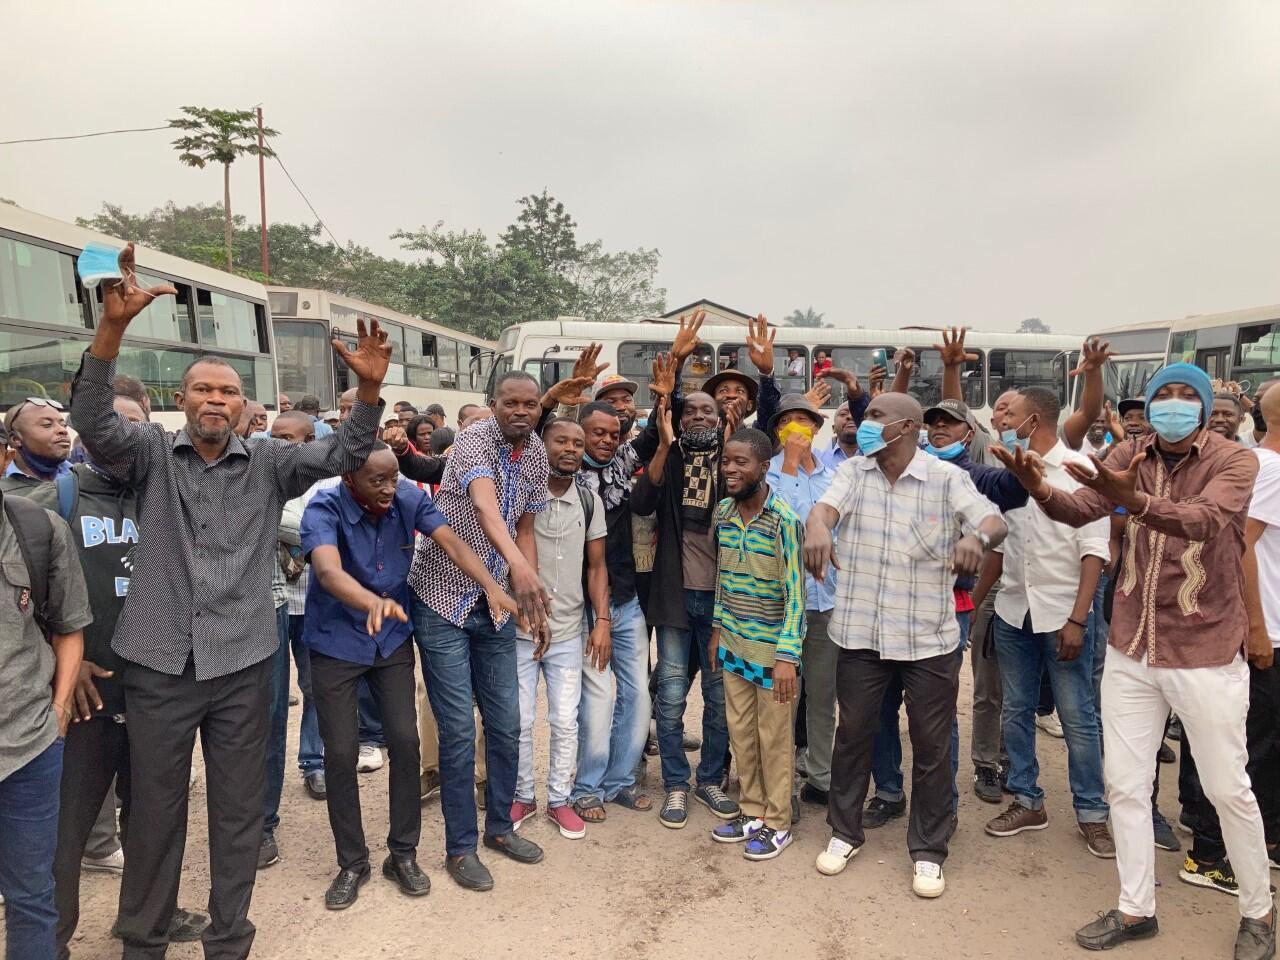 Les salariés de Transco devant leur dépôt de bus à Kinshasa, RDC, le 26 juillet 2021.